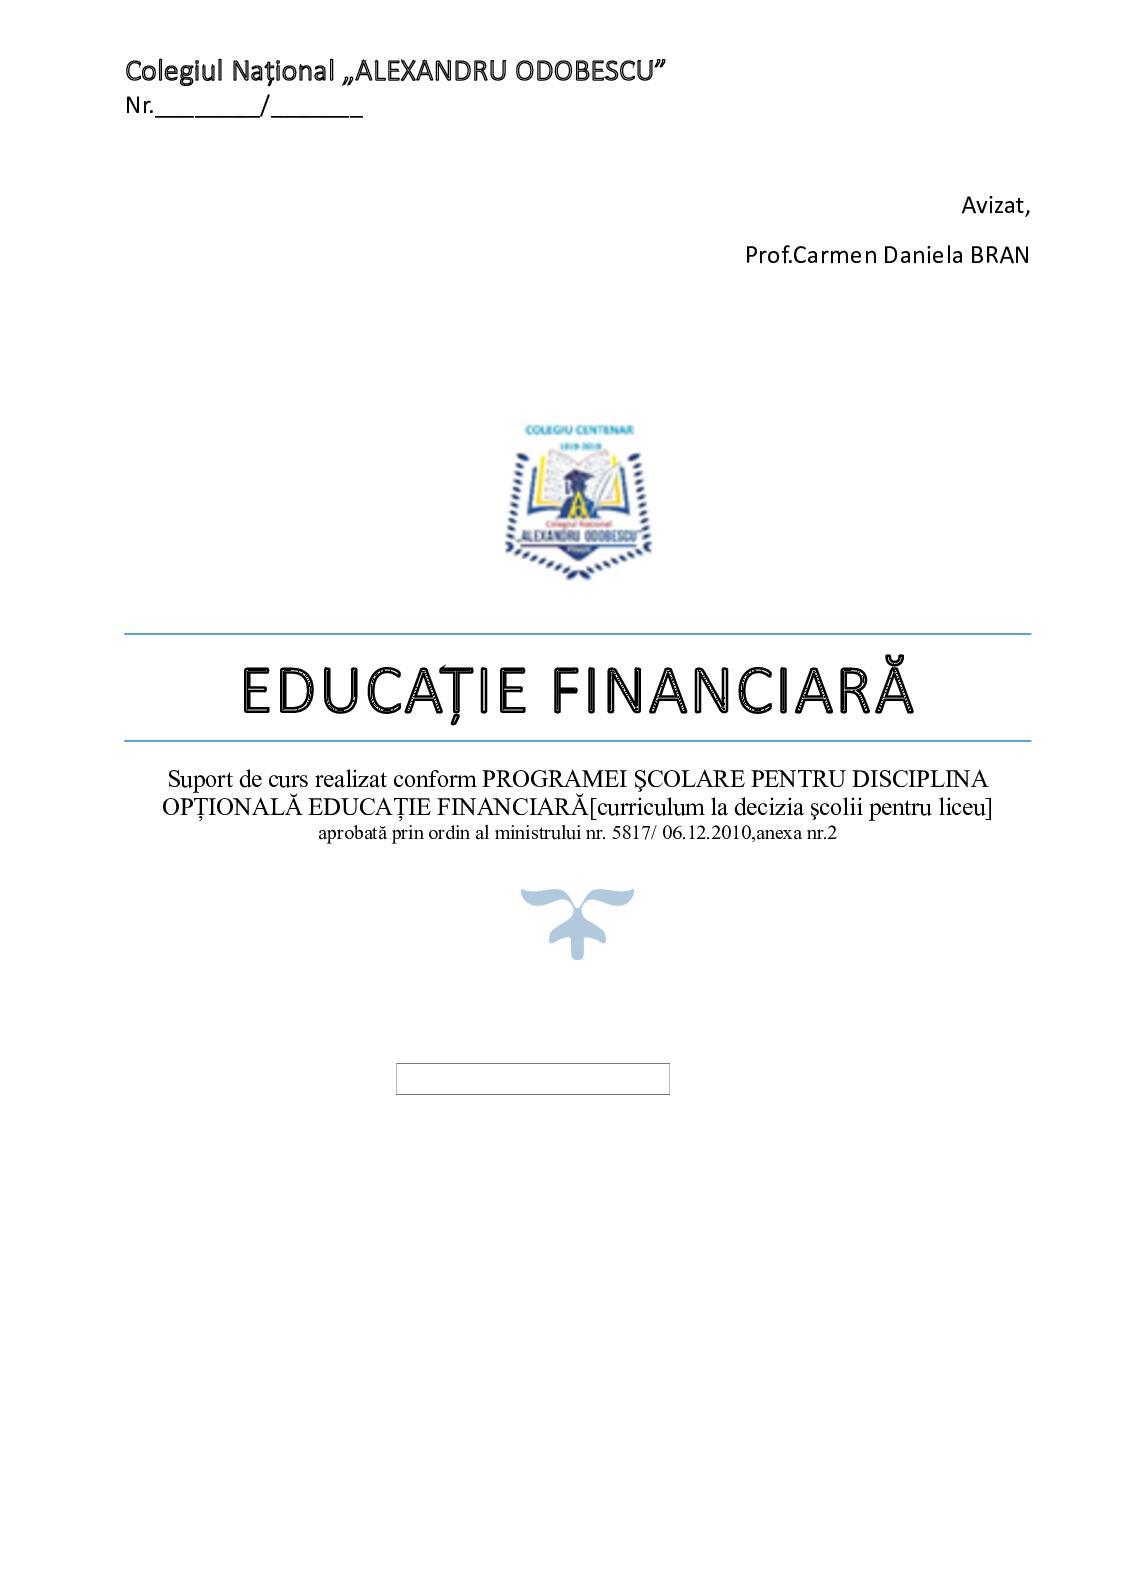 Rata de capitalizare este ... Definirea, caracteristicile de calcul și exemple - Bănci - 2021